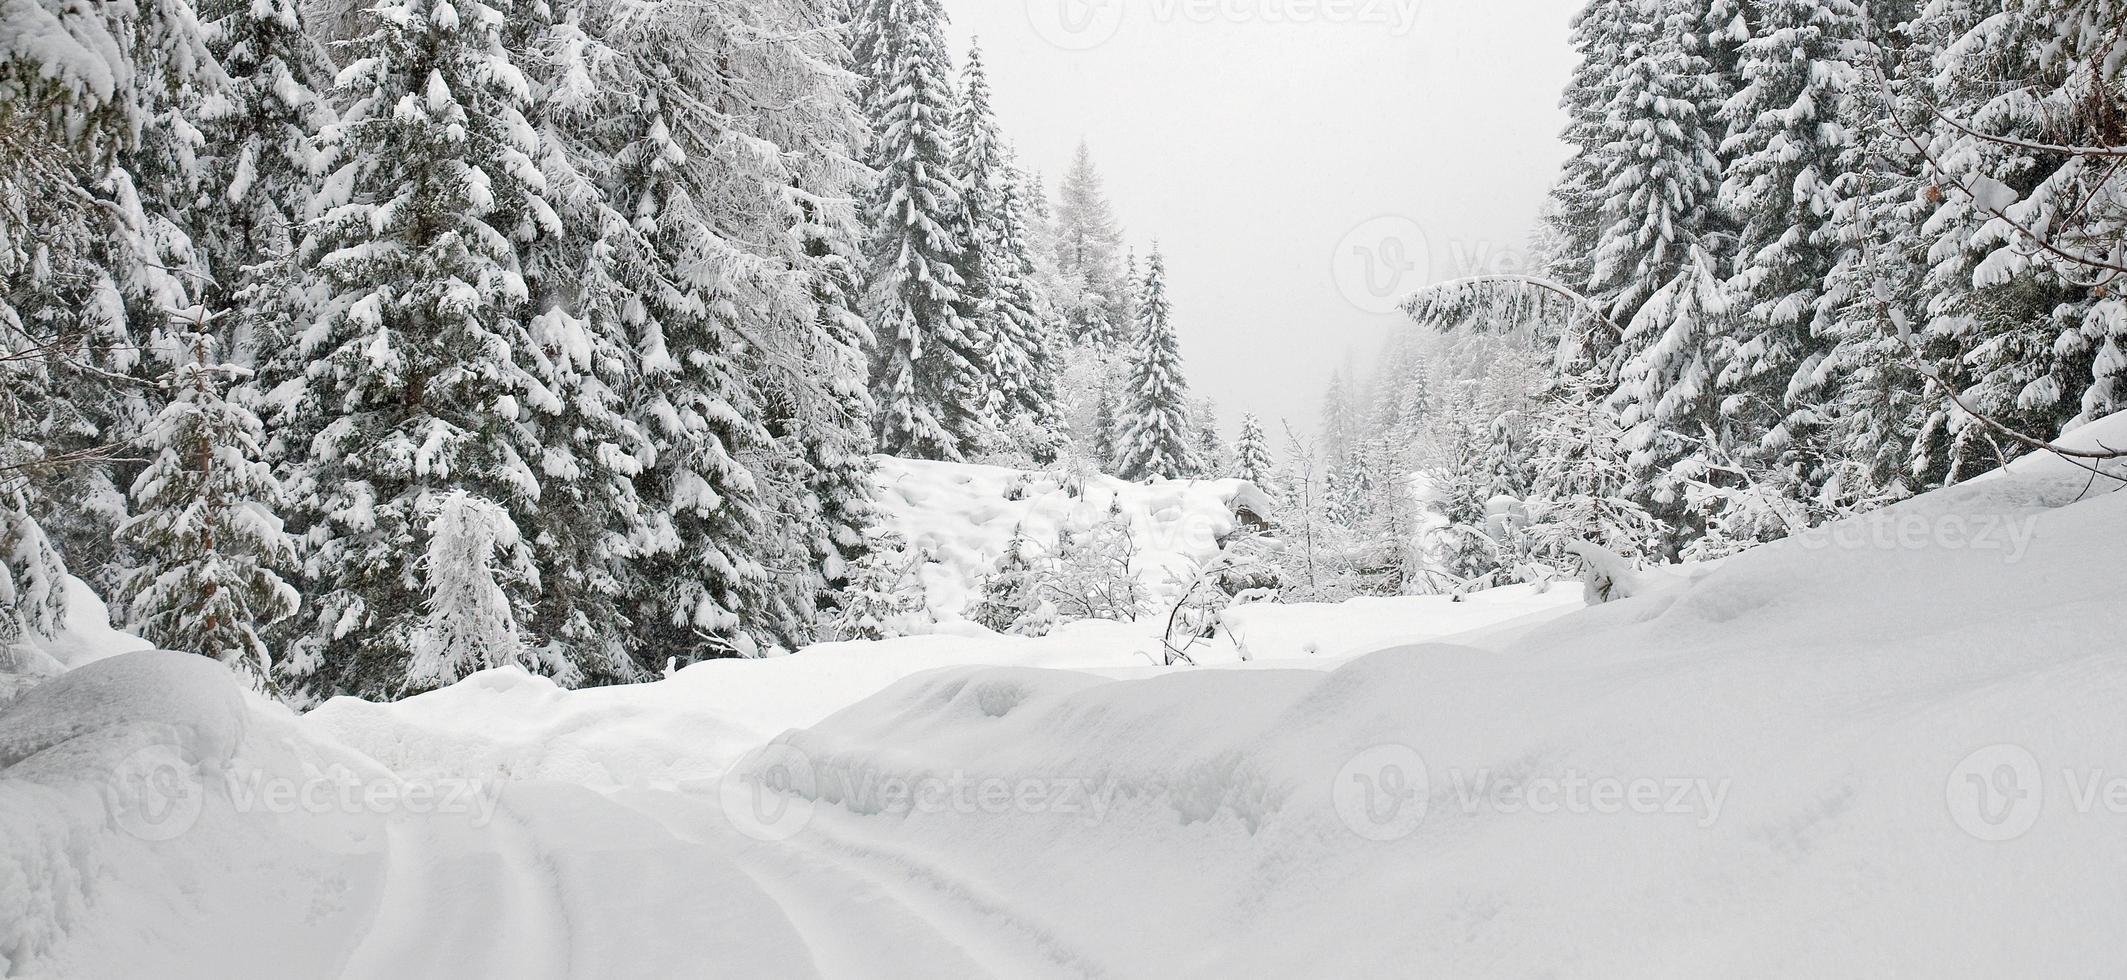 montagne enneigée en hiver photo